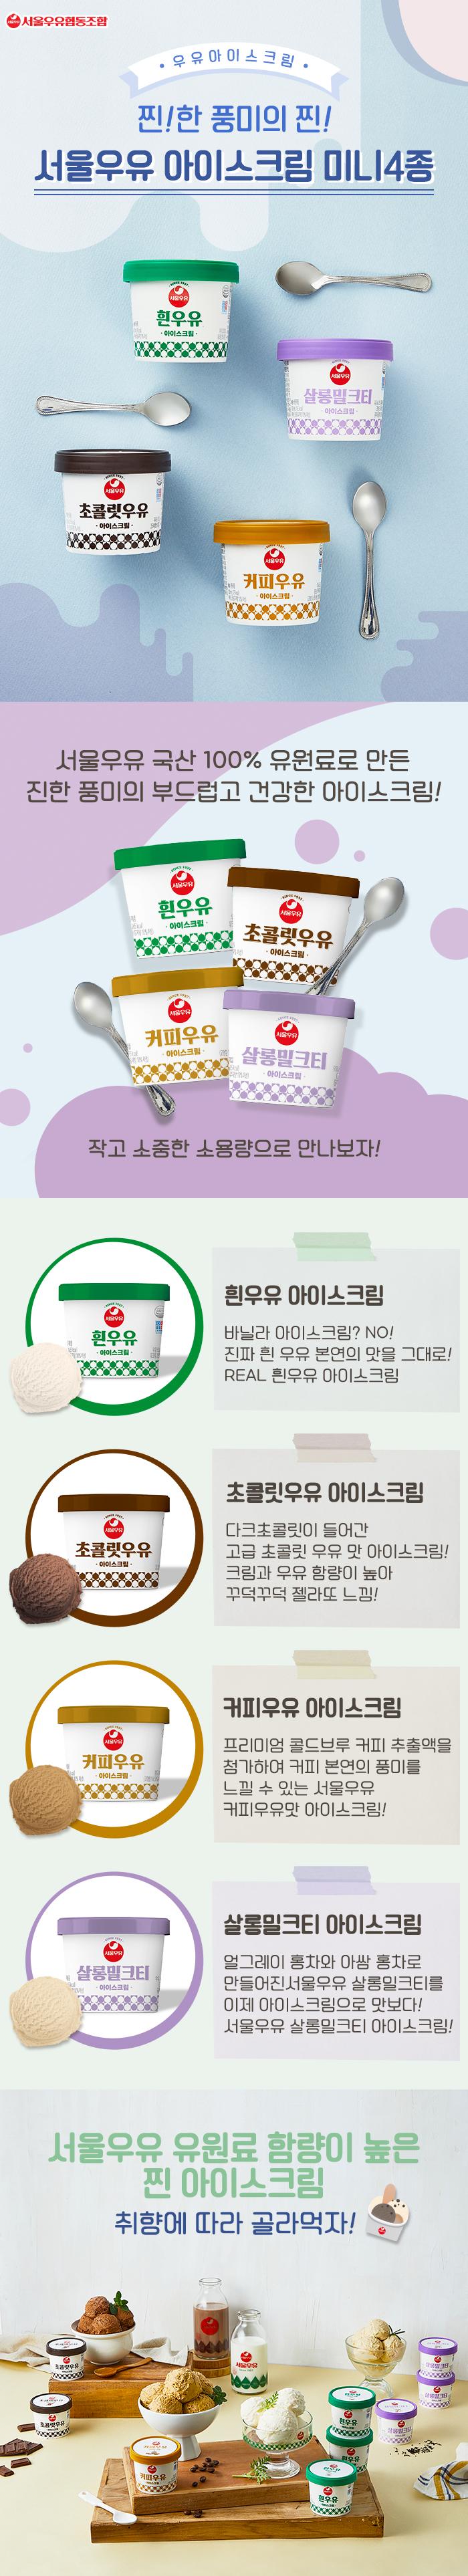 210329_[인포그래픽]_서울우유-3월-